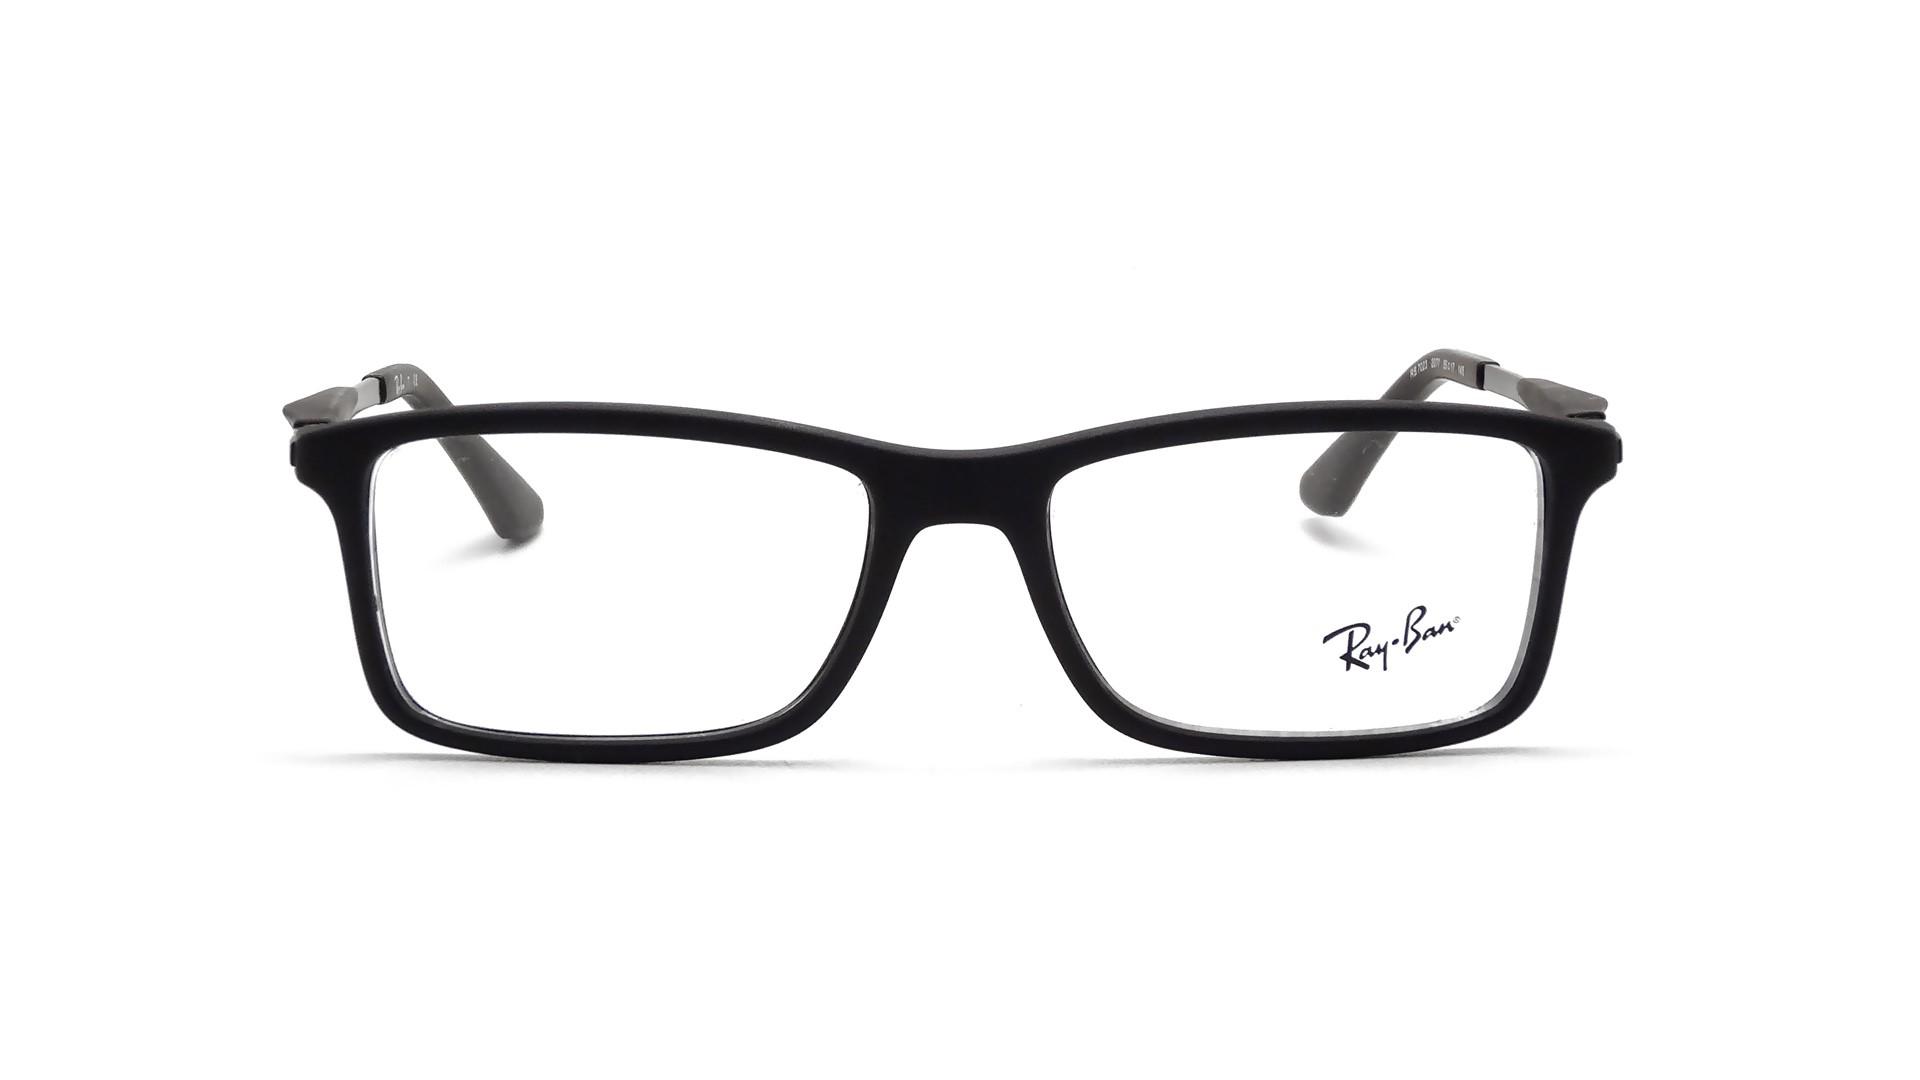 lunette vue ray ban noir mat